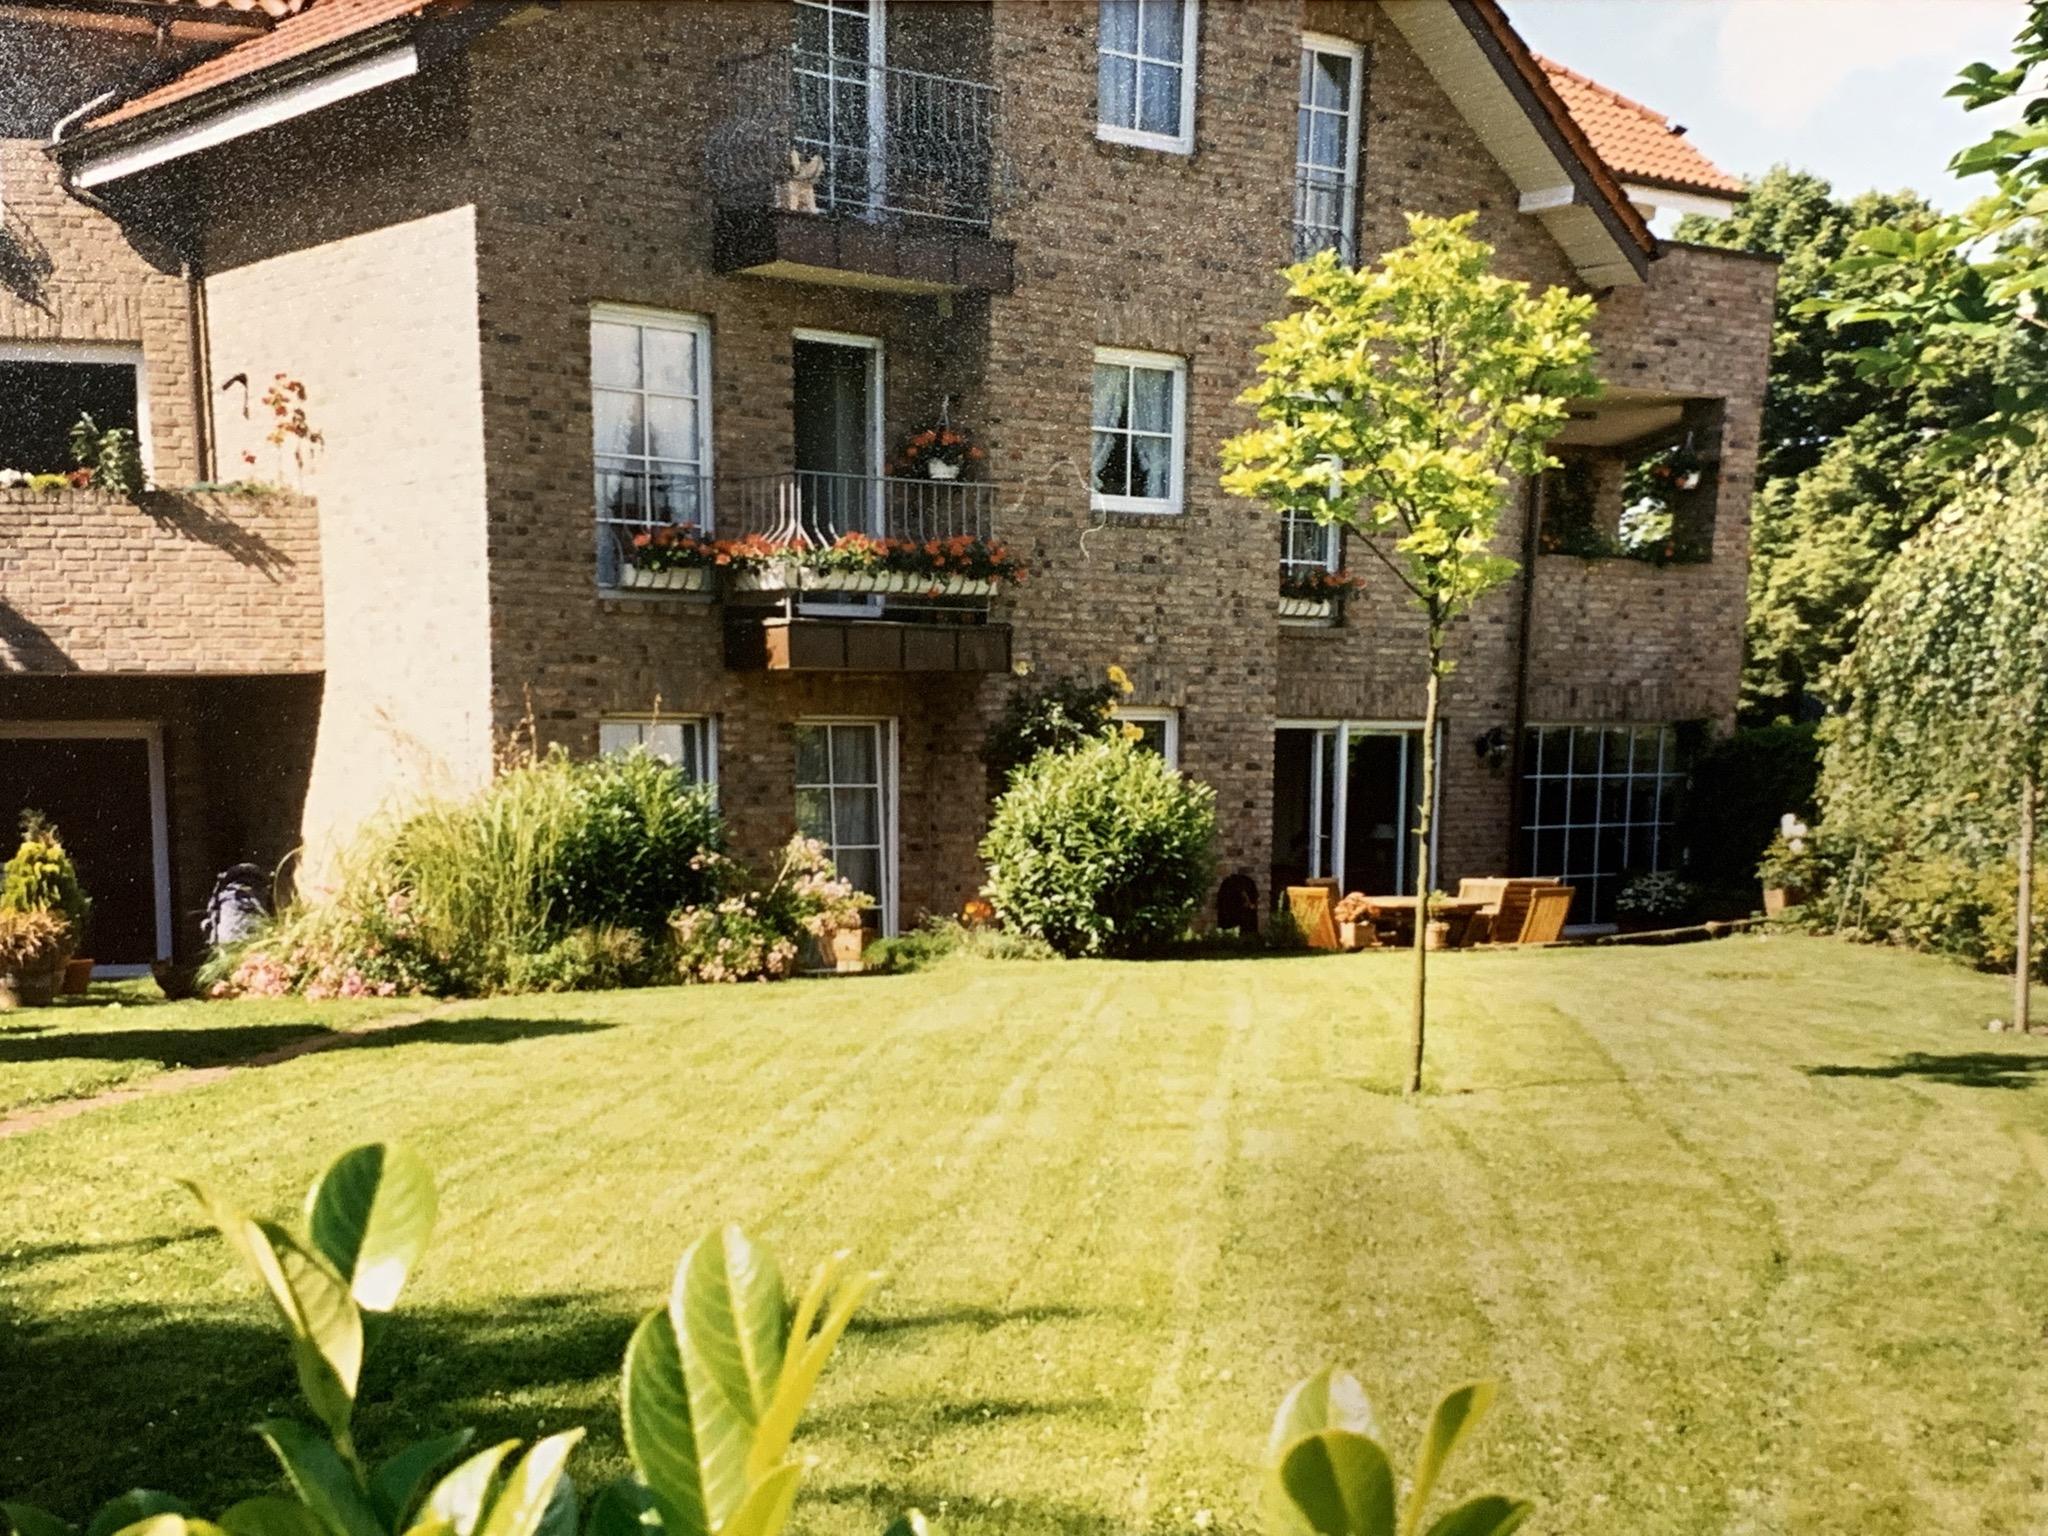 Traumwohnung mit großer Sonnenterrasse und Gartennutzung + Garage direkt am Rhein in Düsseldorf-Hamm